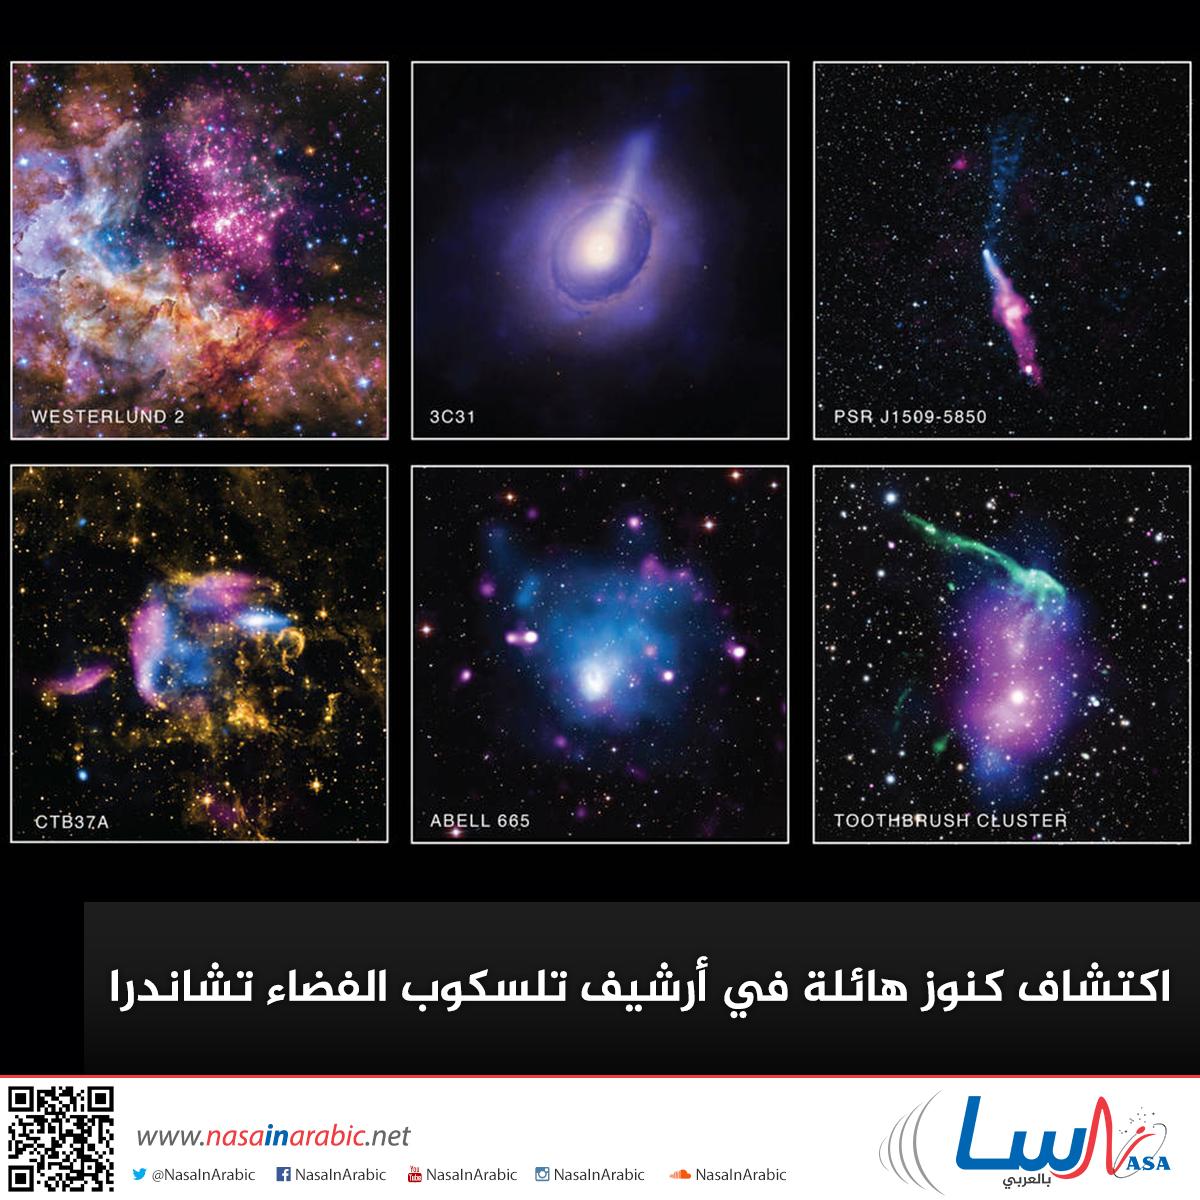 اكتشاف كنوز هائلة في أرشيف تلسكوب الفضاء تشاندرا